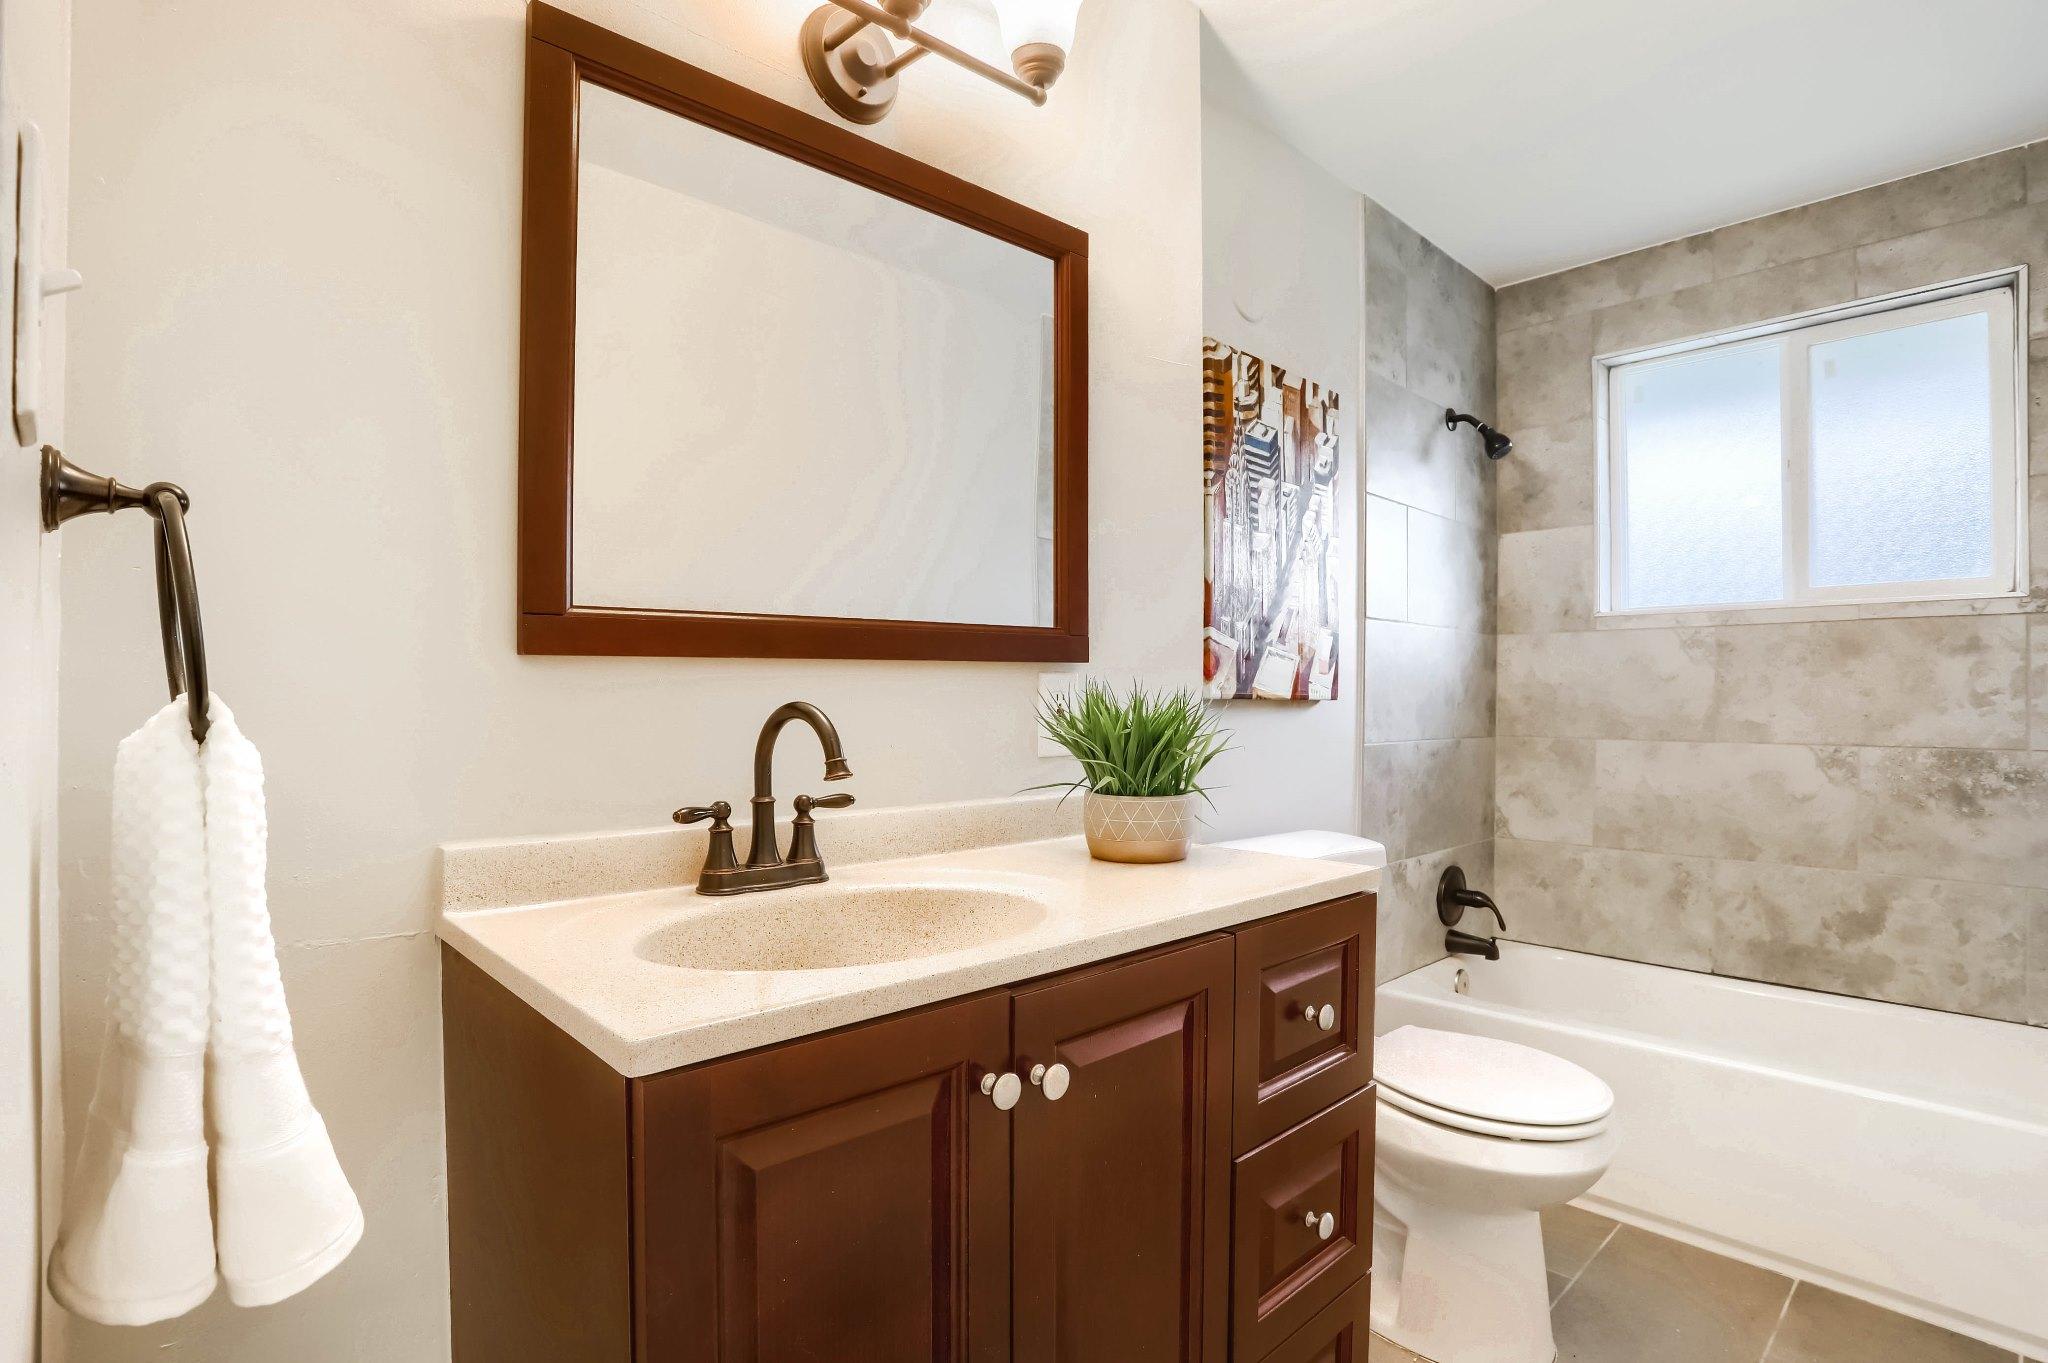 REAL ESTATE LISTING: 1309 Douglas Dr Denver Remodeled Bath